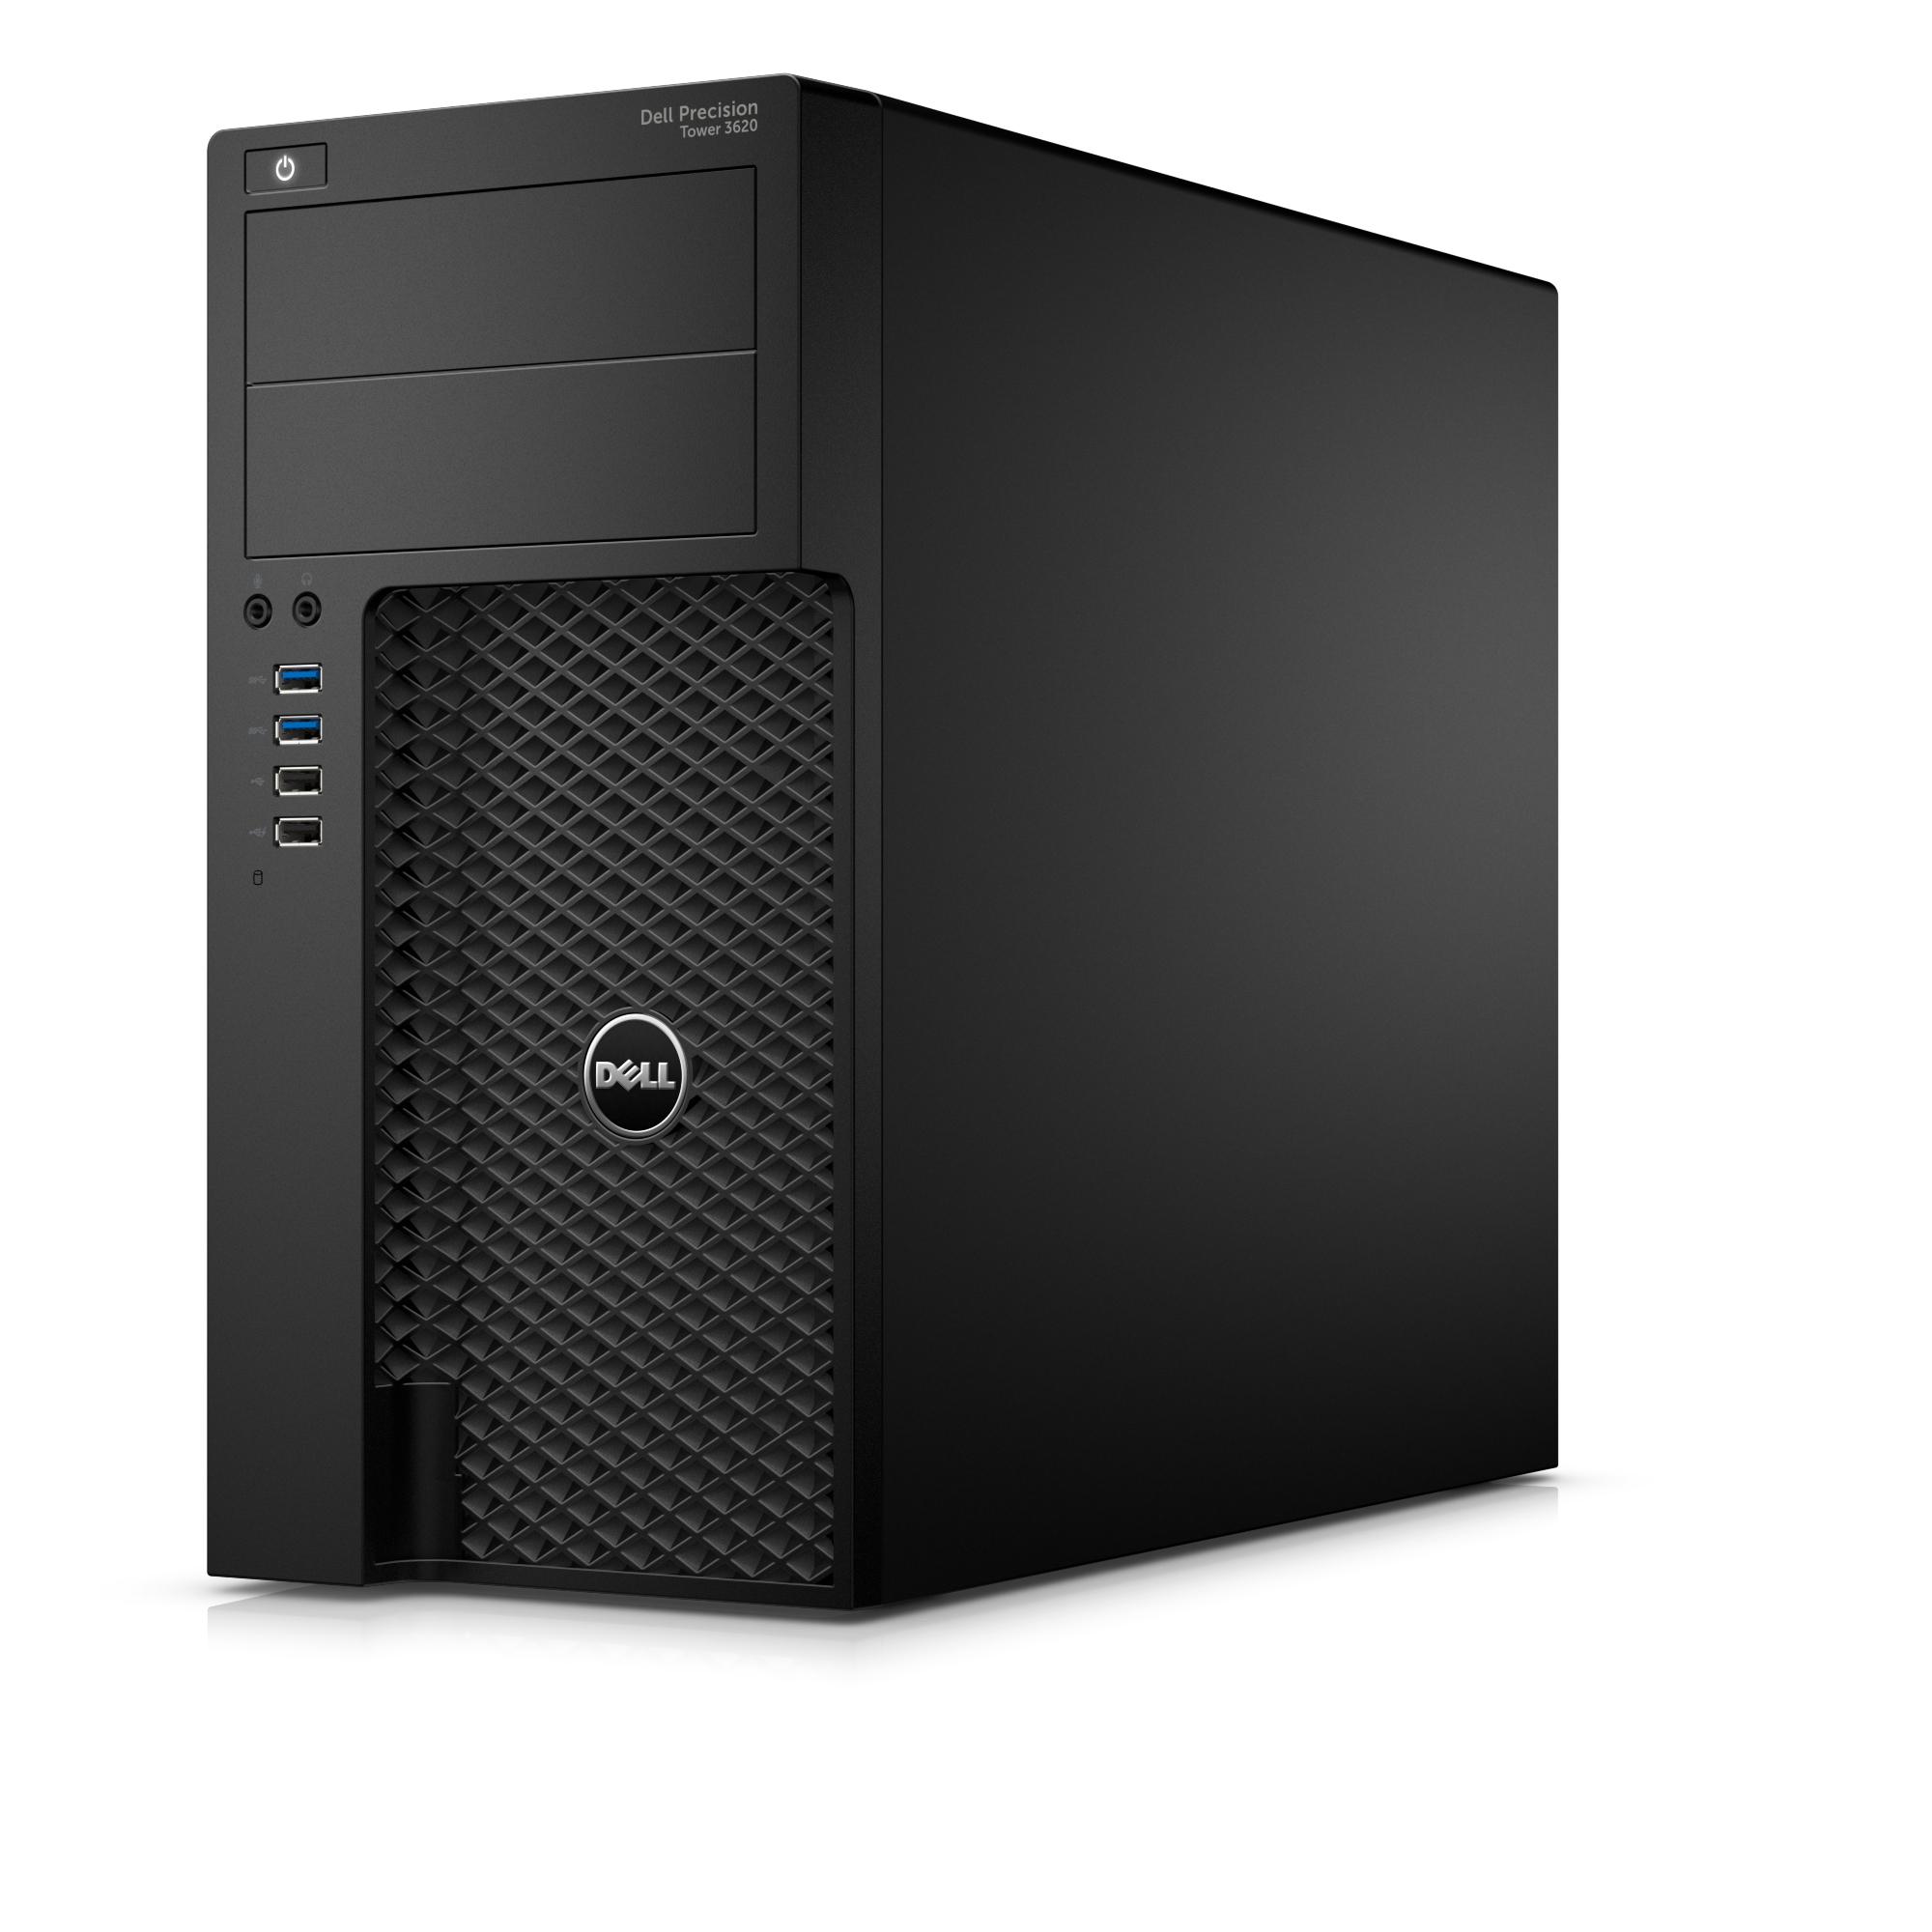 Desktop Dell Precision T3620